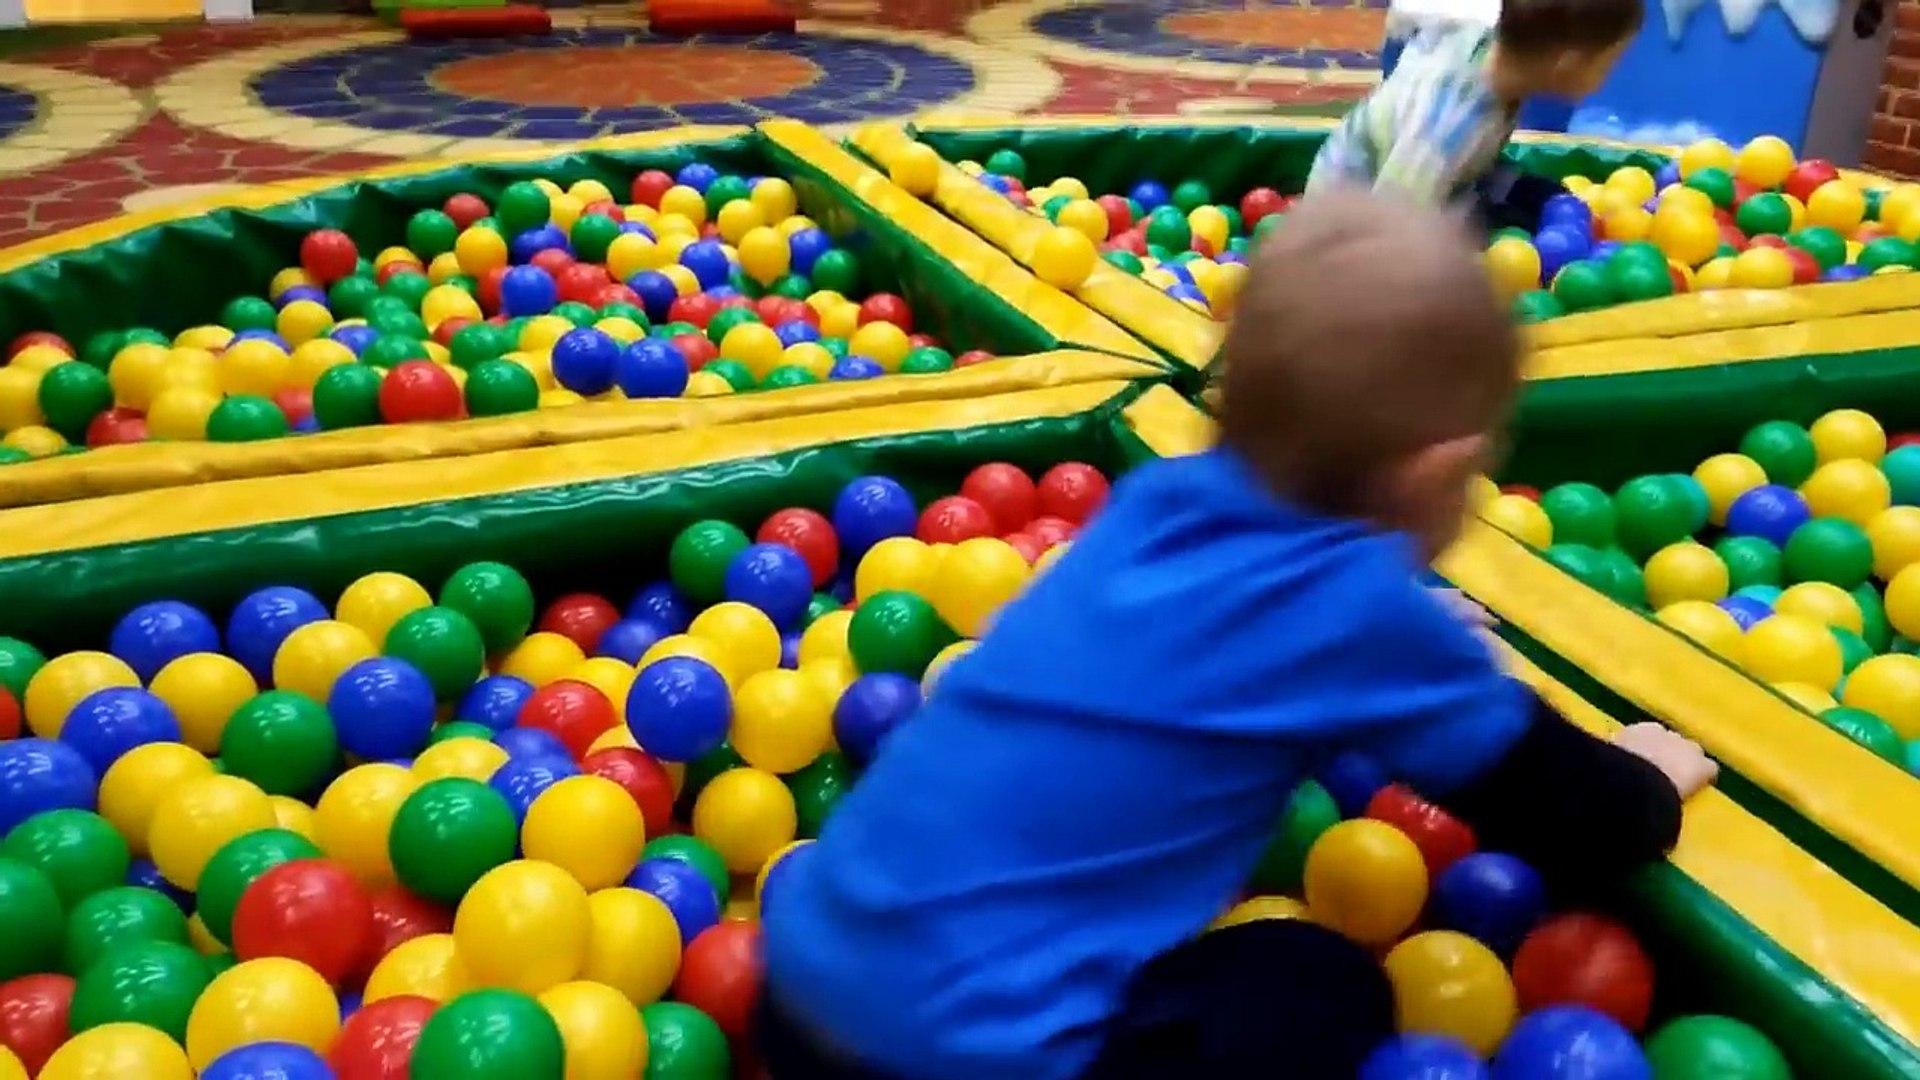 Развлекательный Детский Центр с машинками Хот Вилс и Маквин — kids entertainment center